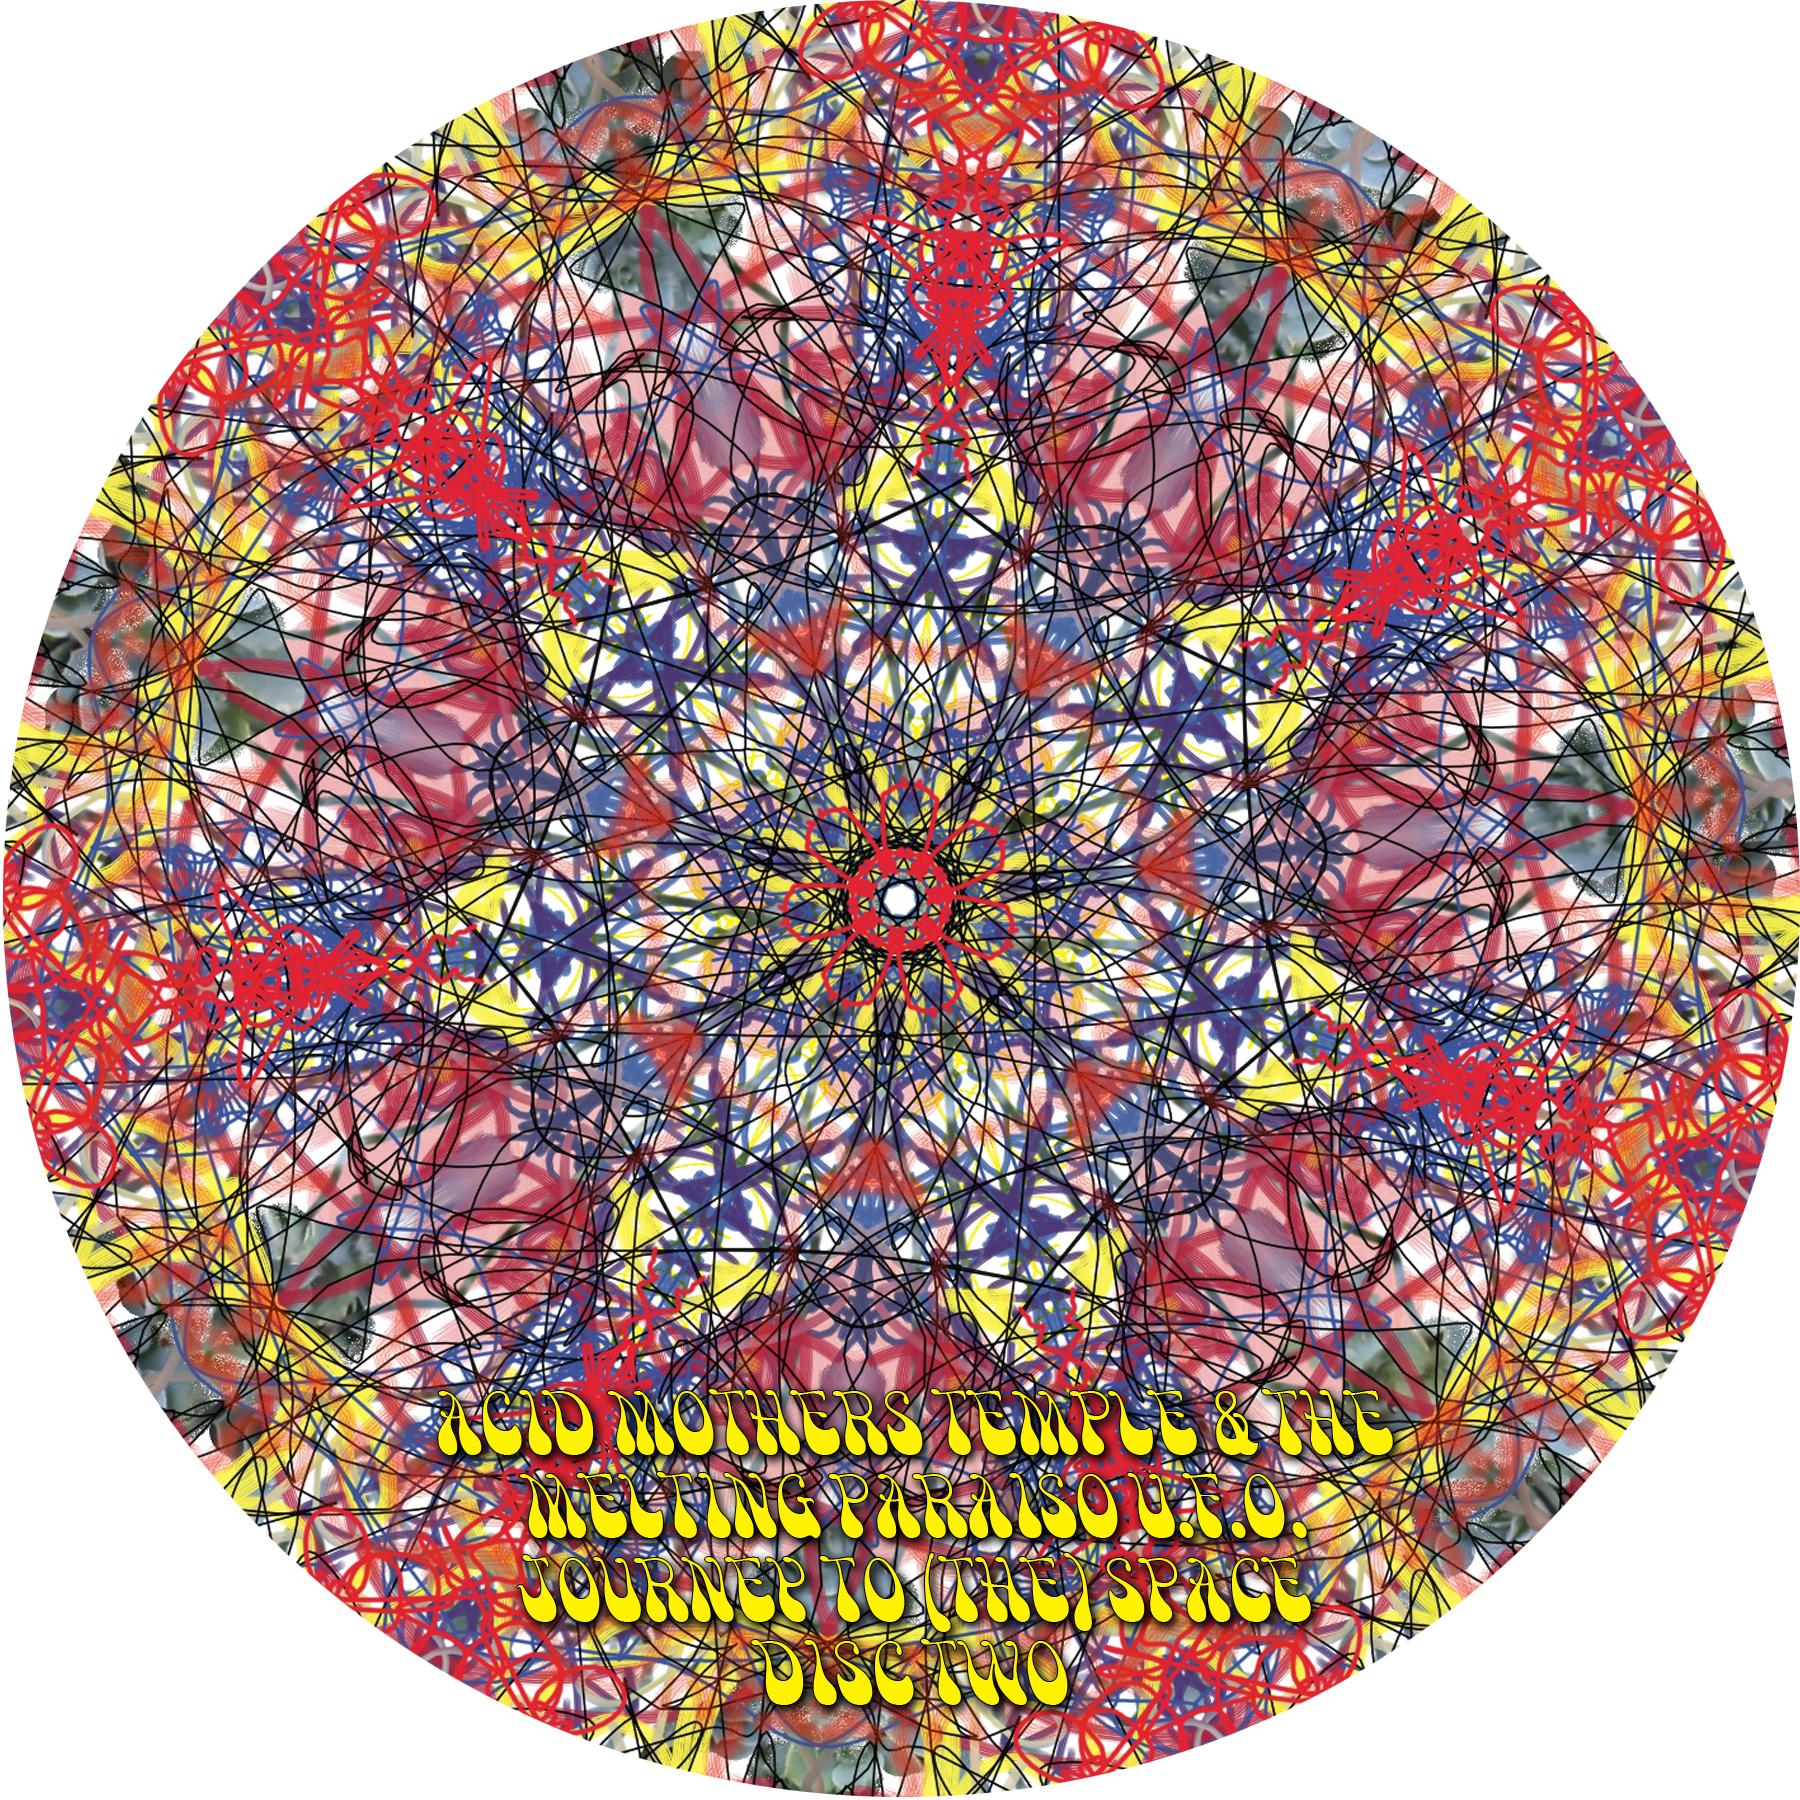 AcidMothersTemple2012-04-29TheSpaceHamdenCT.jpg